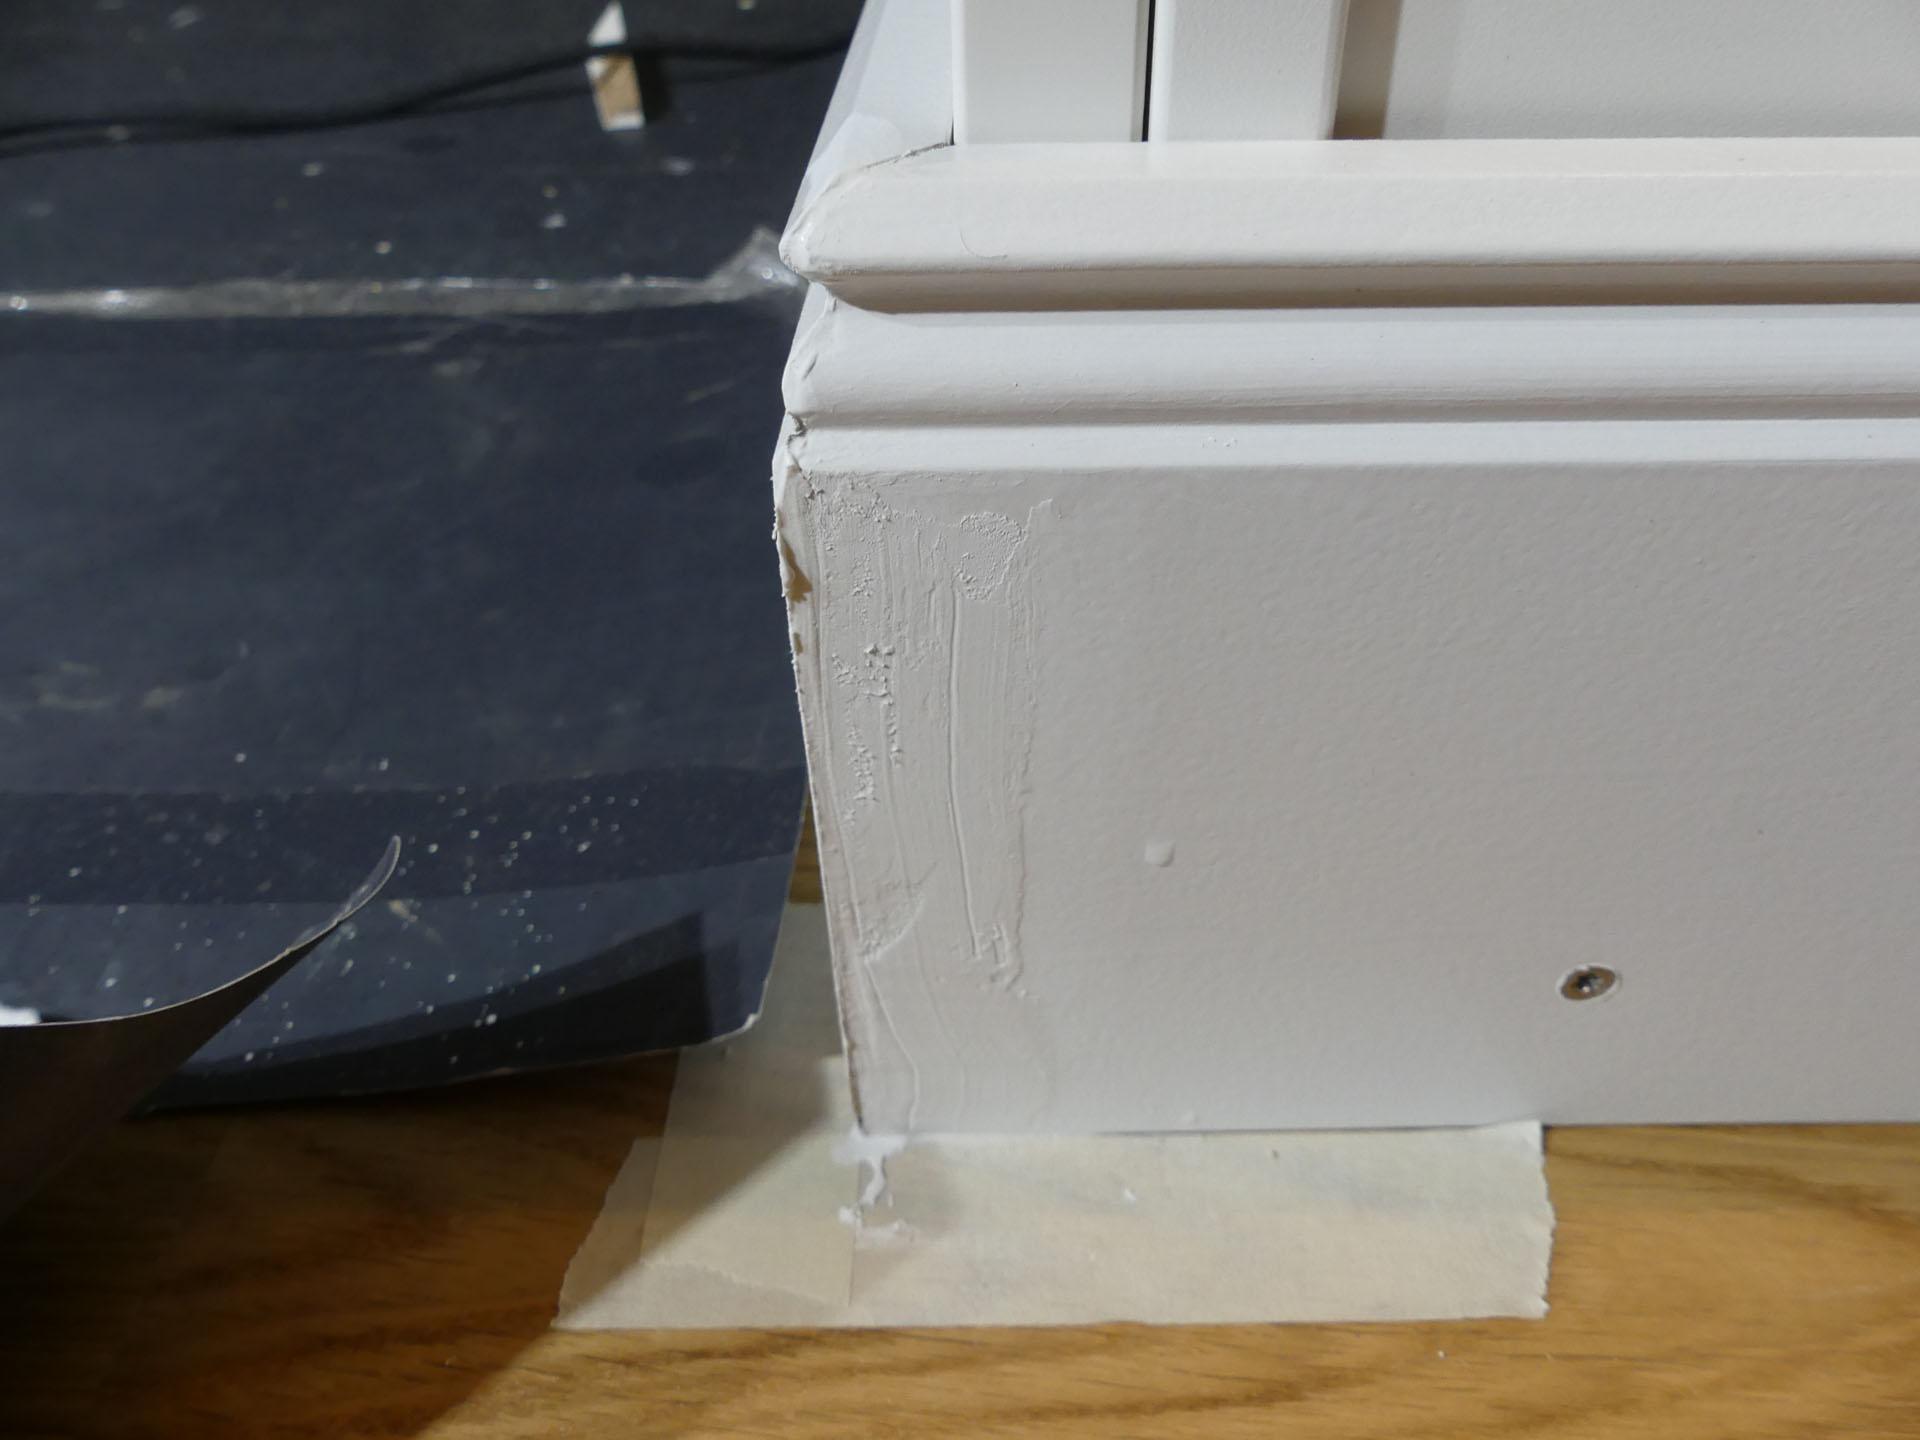 Full Size of Schritt 9 Der Sockel The Ikea Billy Project Deckenleuchte Wohnzimmer Küche Waschbecken Badezimmer Decken Sitzecke Decke Im Bad Keramik Schlafzimmer Wohnzimmer Ikea Sockelleiste Ecke